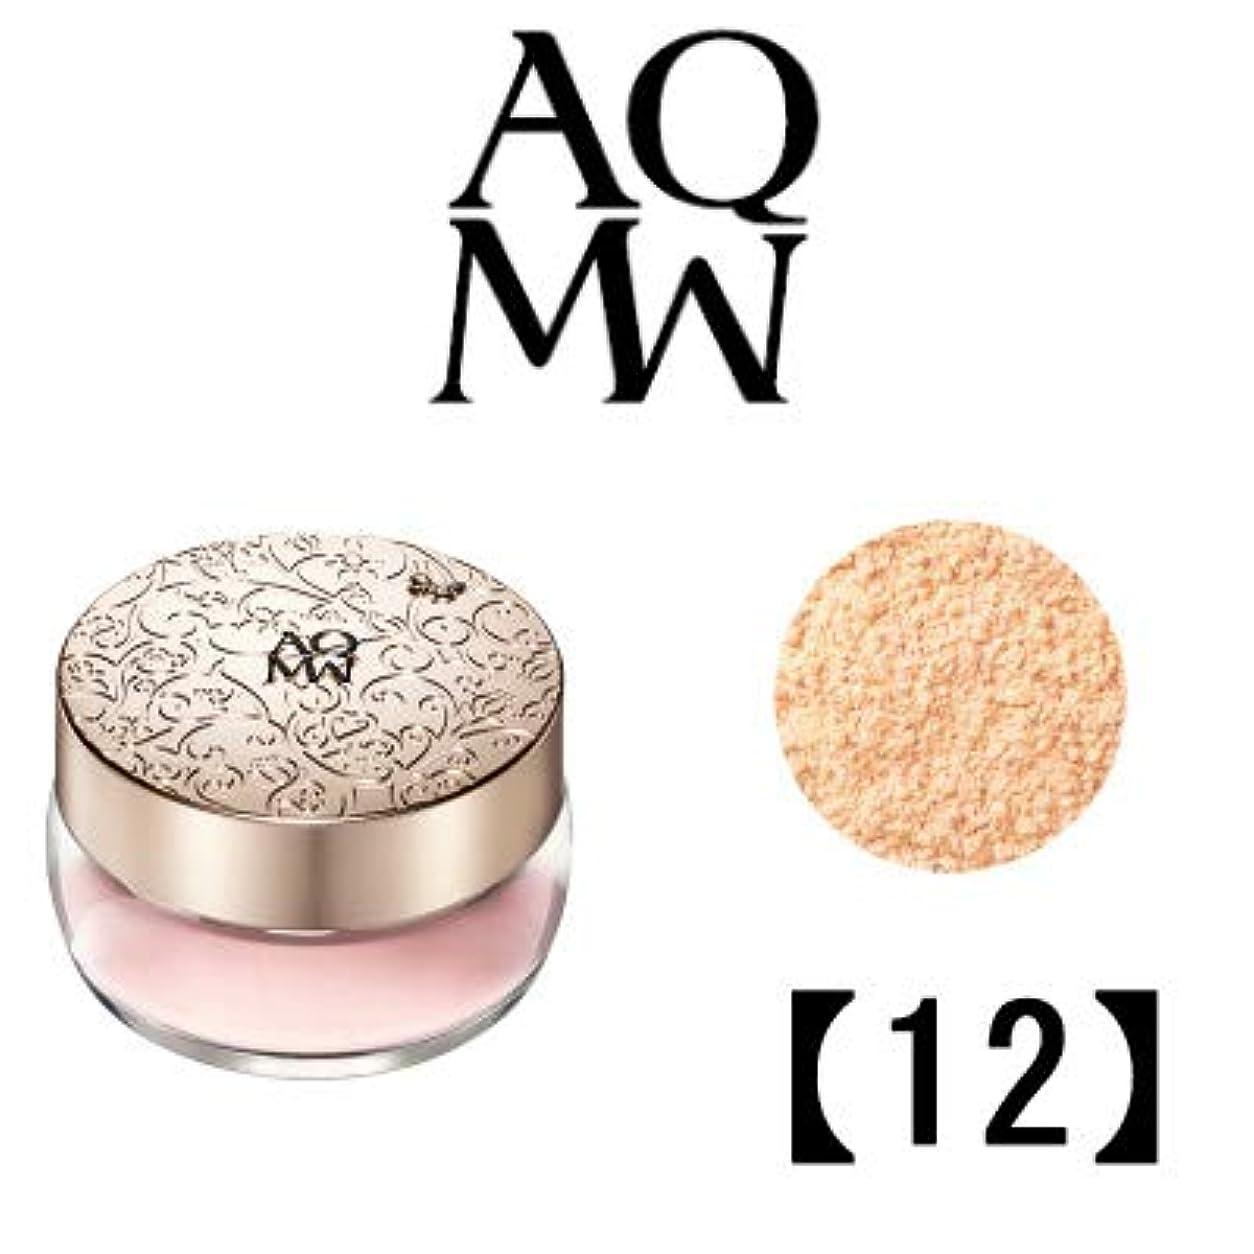 シルク摂動次コスメデコルテ AQ MW フェイスパウダー<12>《20g》